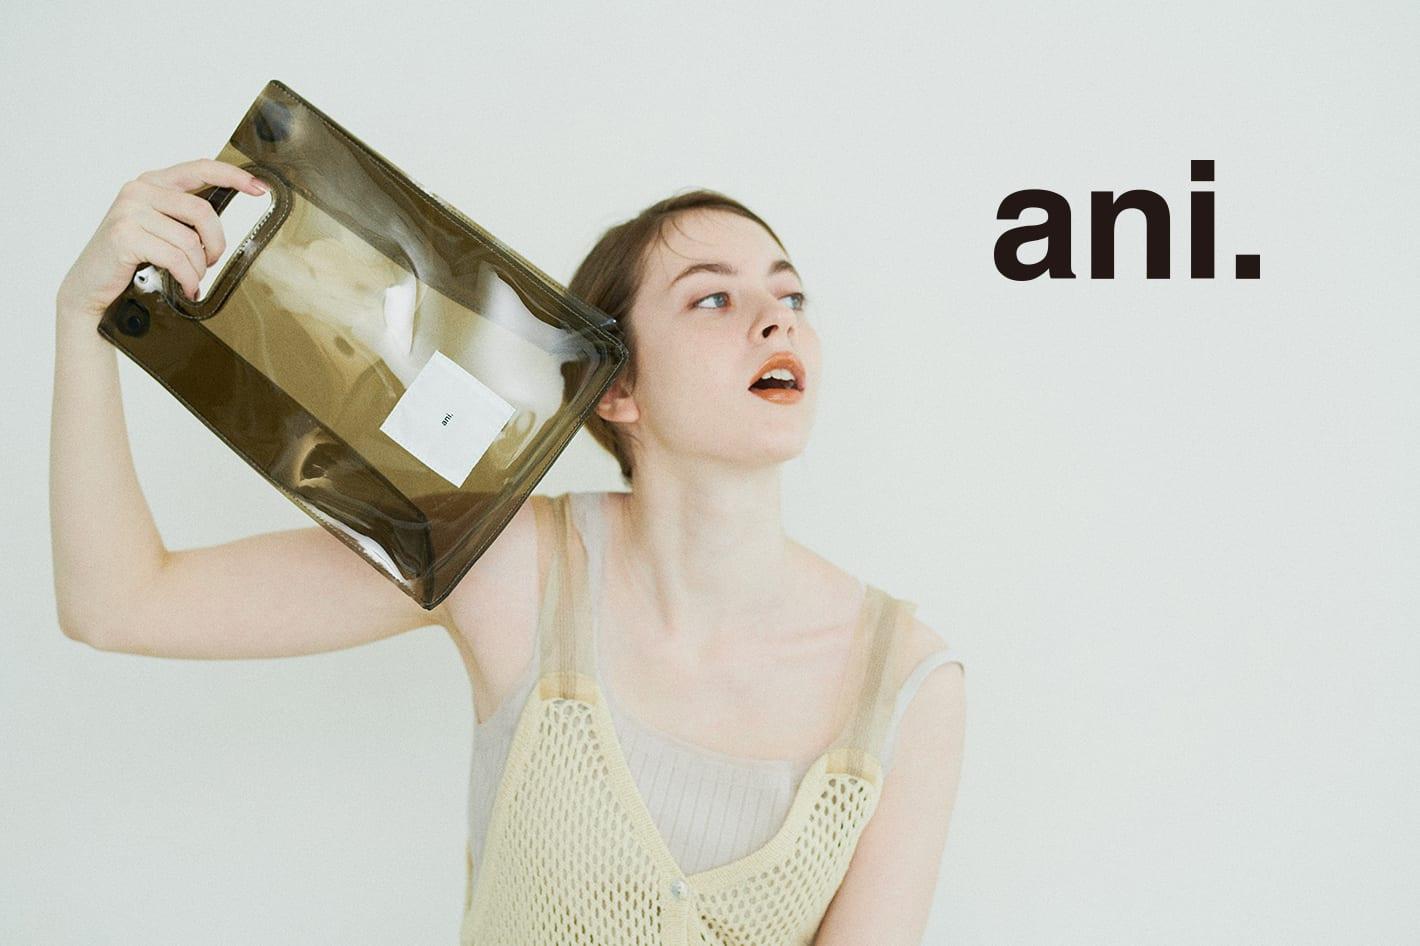 Daily russet ◆シンプルバッグは長く使える!◆ani.の魅力をチェック!